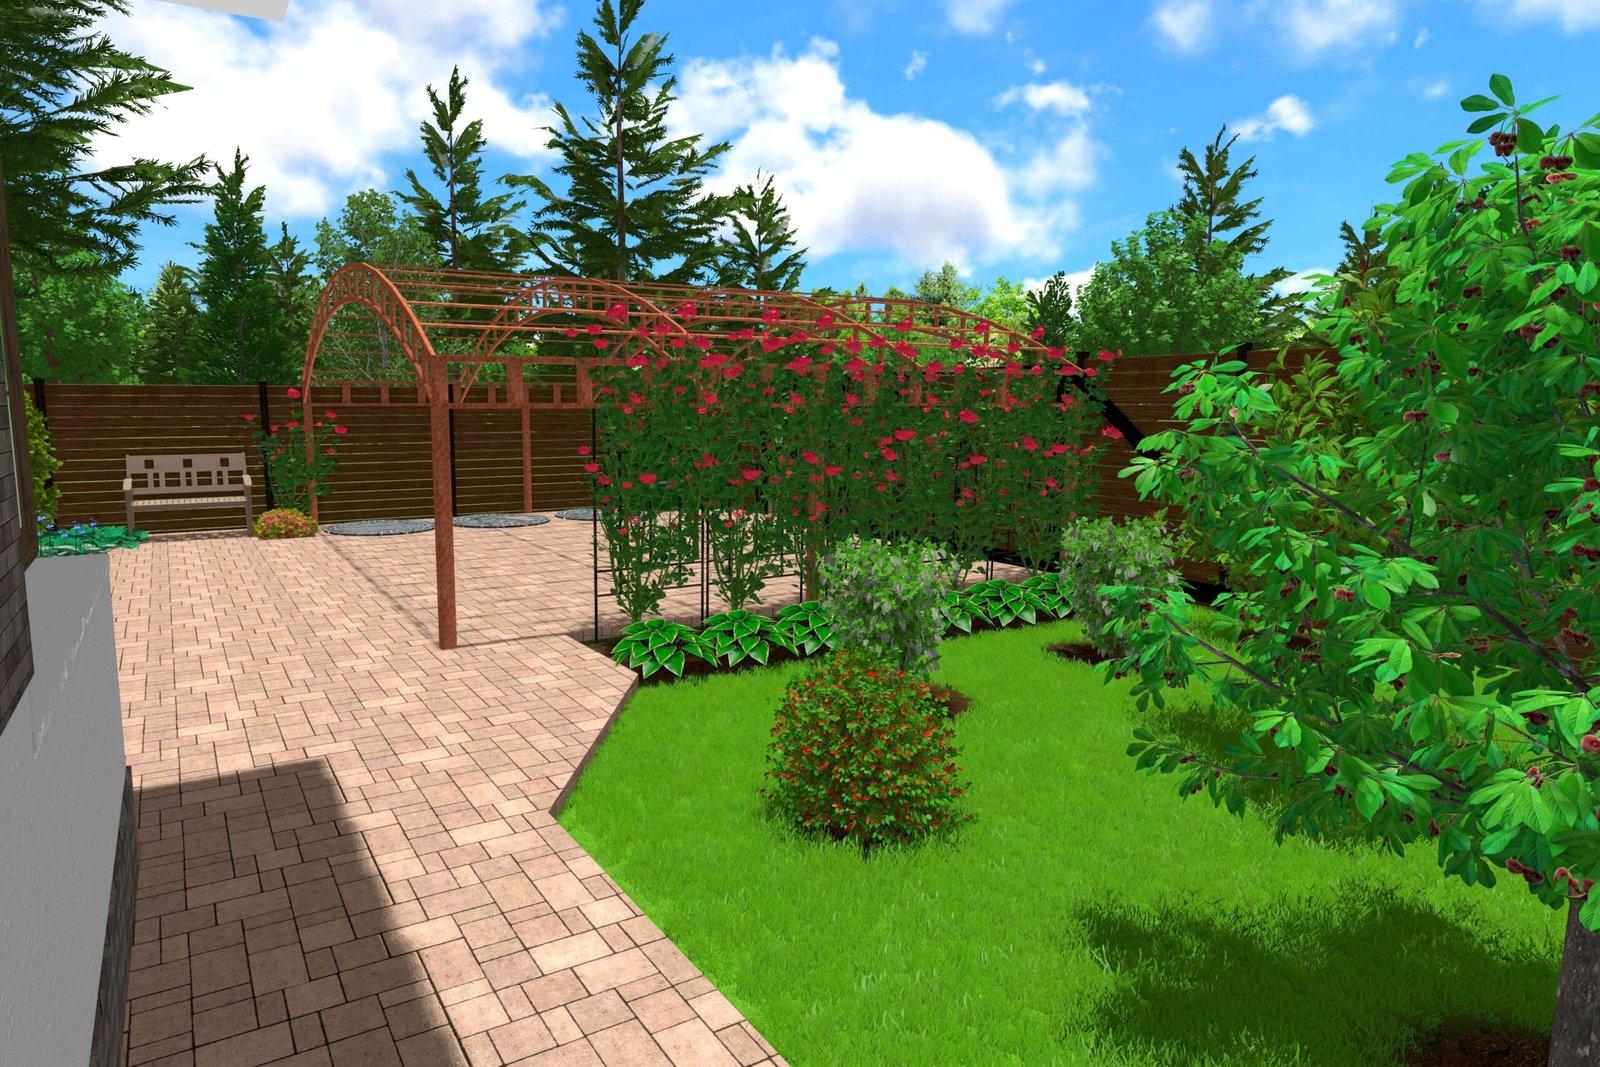 Ландшафтный дизайн садового участка, на что обратить внимание при создании ландшафтного дизайна, ландшафтный дизайн на даче,